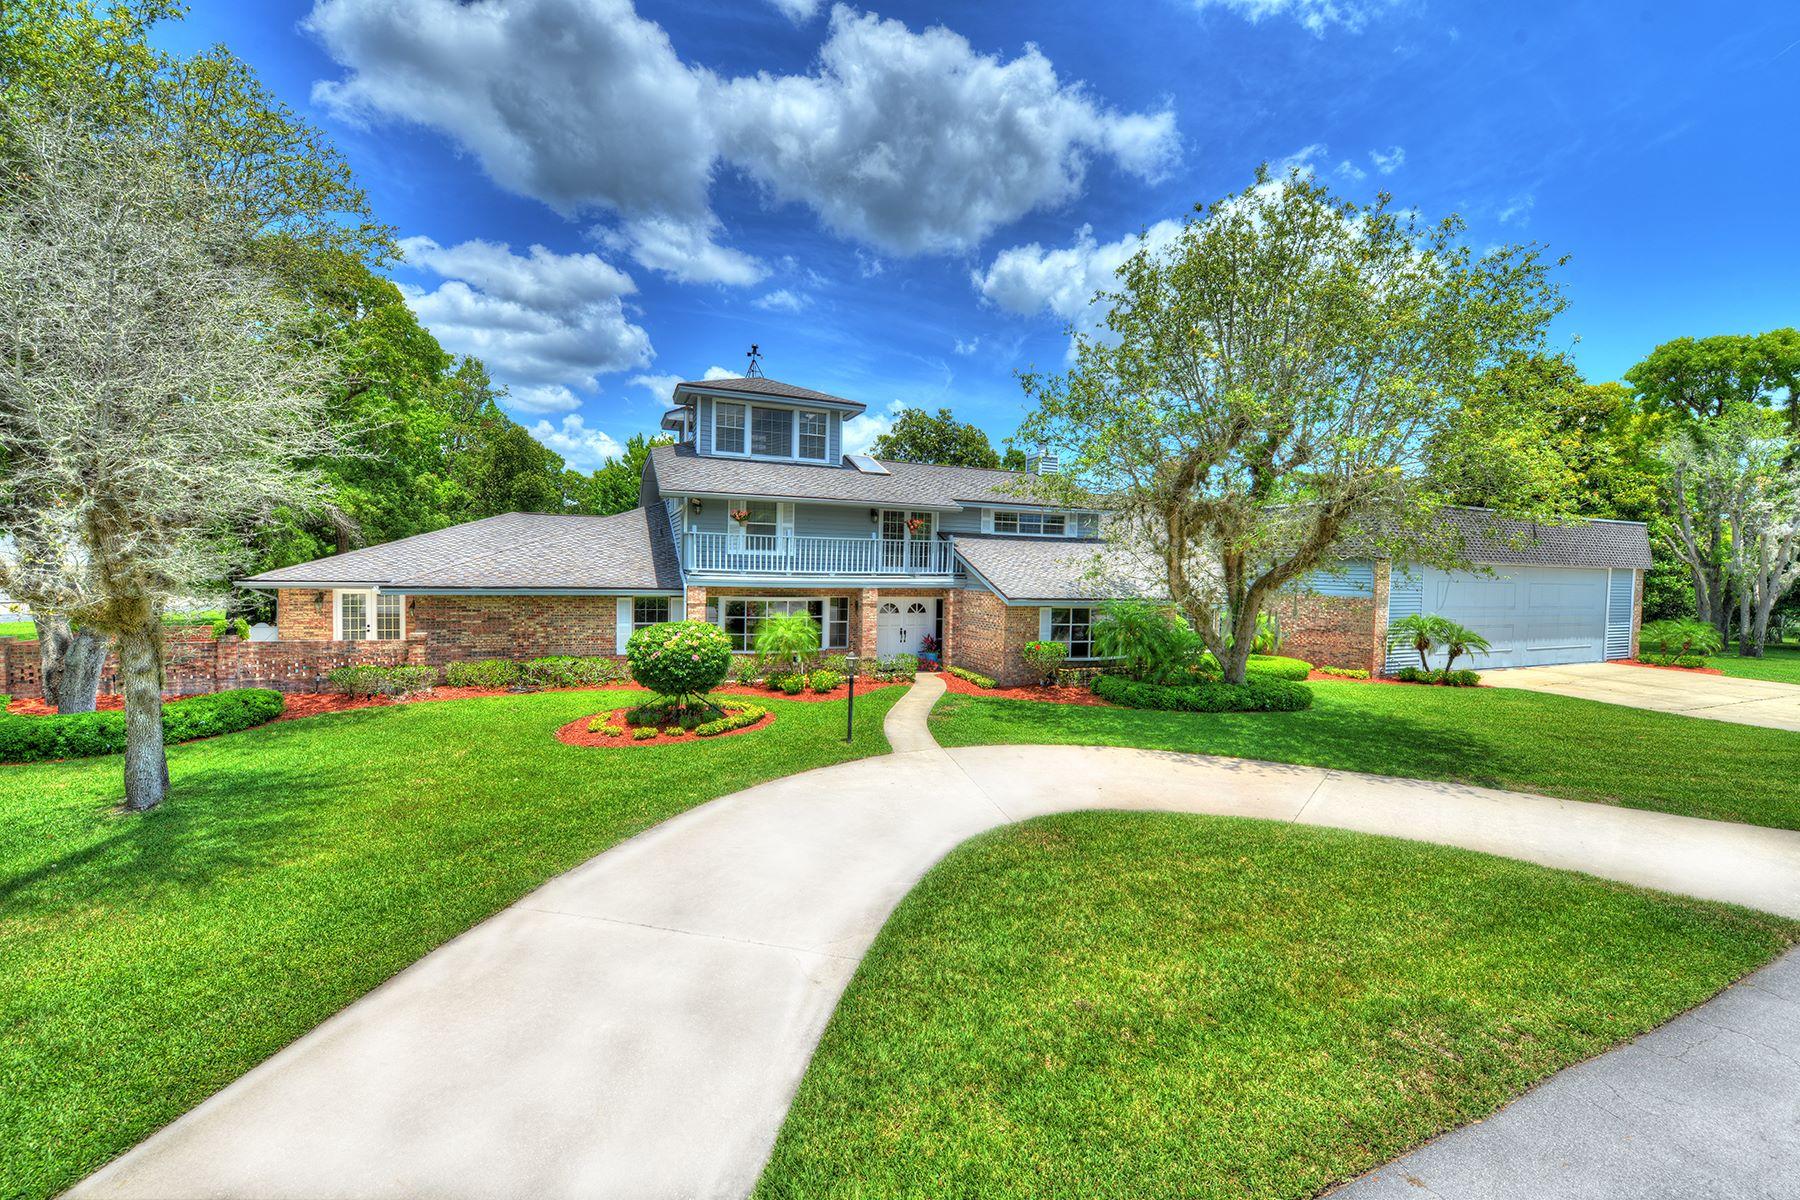 Nhà ở một gia đình vì Bán tại SPRUCE CREEK AND THE BEACHES 2551 Cross Country Dr Port Orange, Florida, 32128 Hoa Kỳ